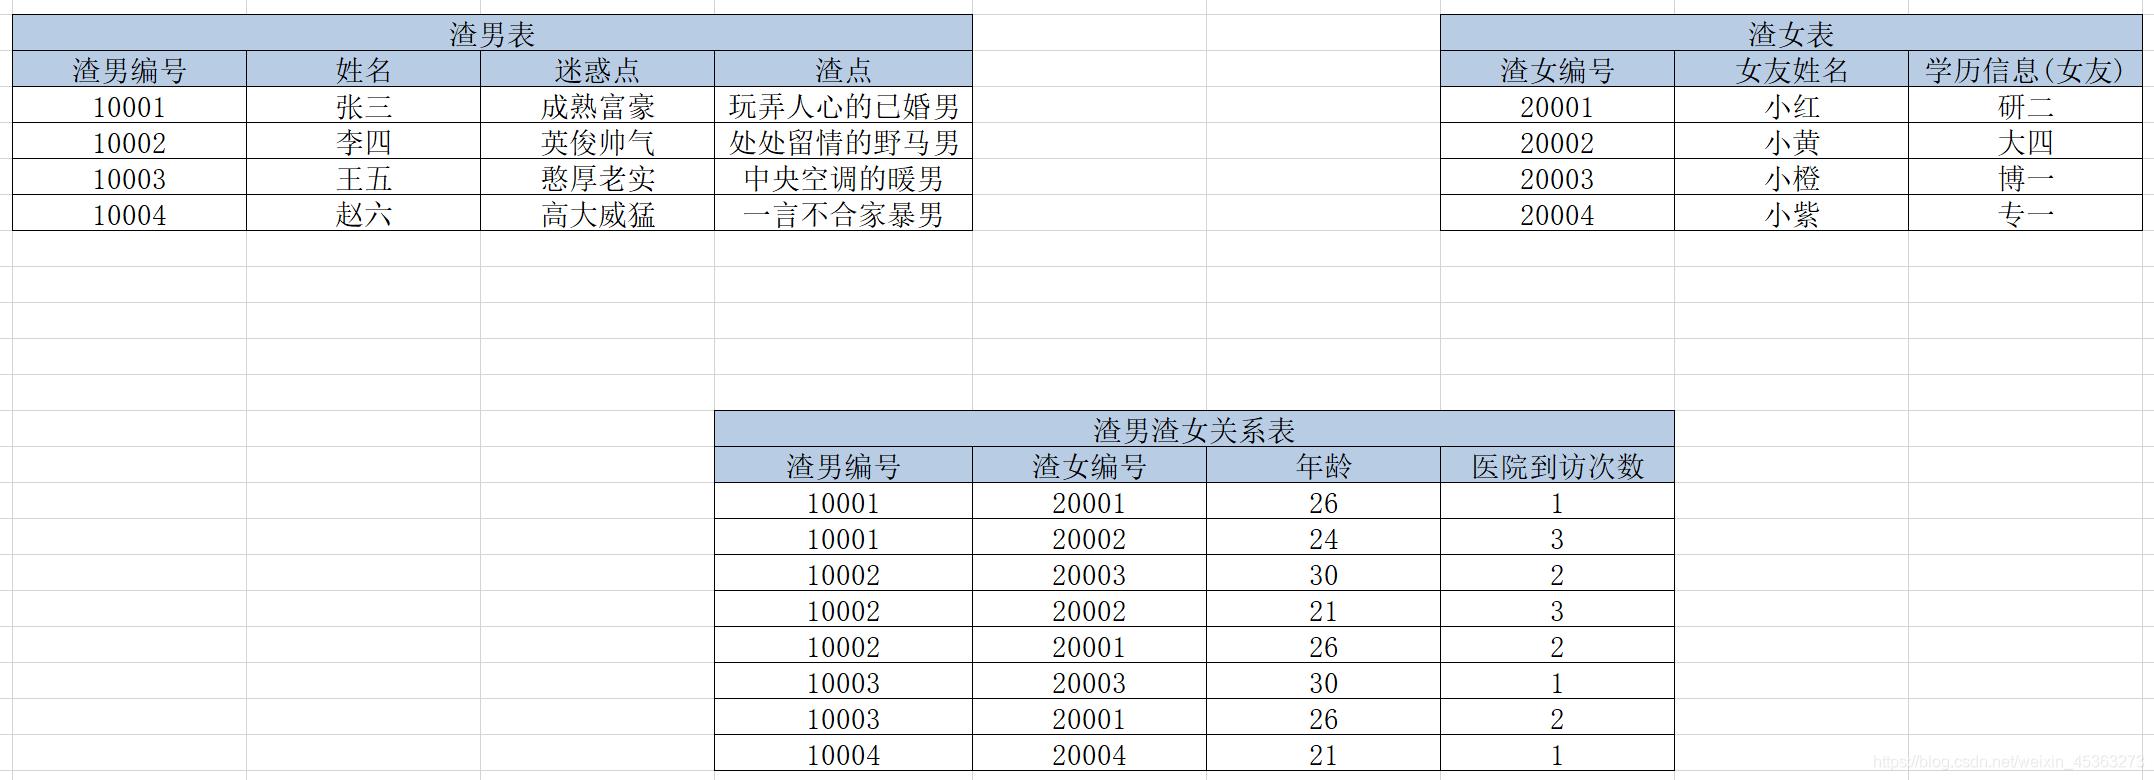 人渣系统表设计2.0-第三范式后